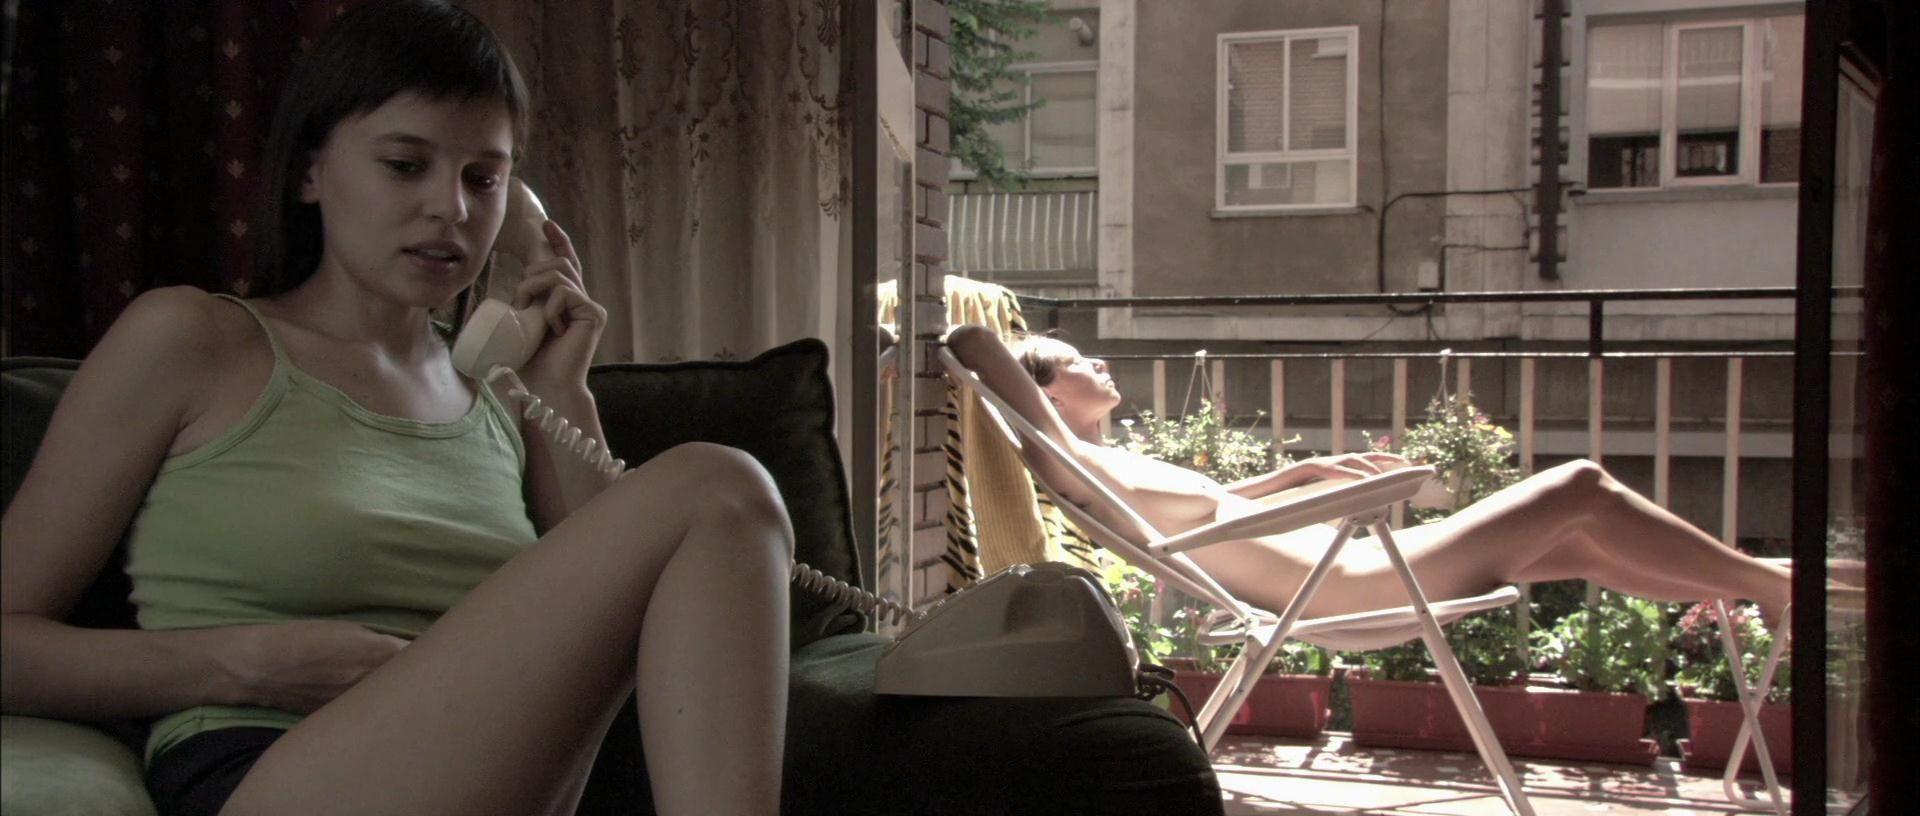 Ёбля смотреть онлайн, Ёбля русских пьяных девок раком, жесткая ебля крупным 12 фотография